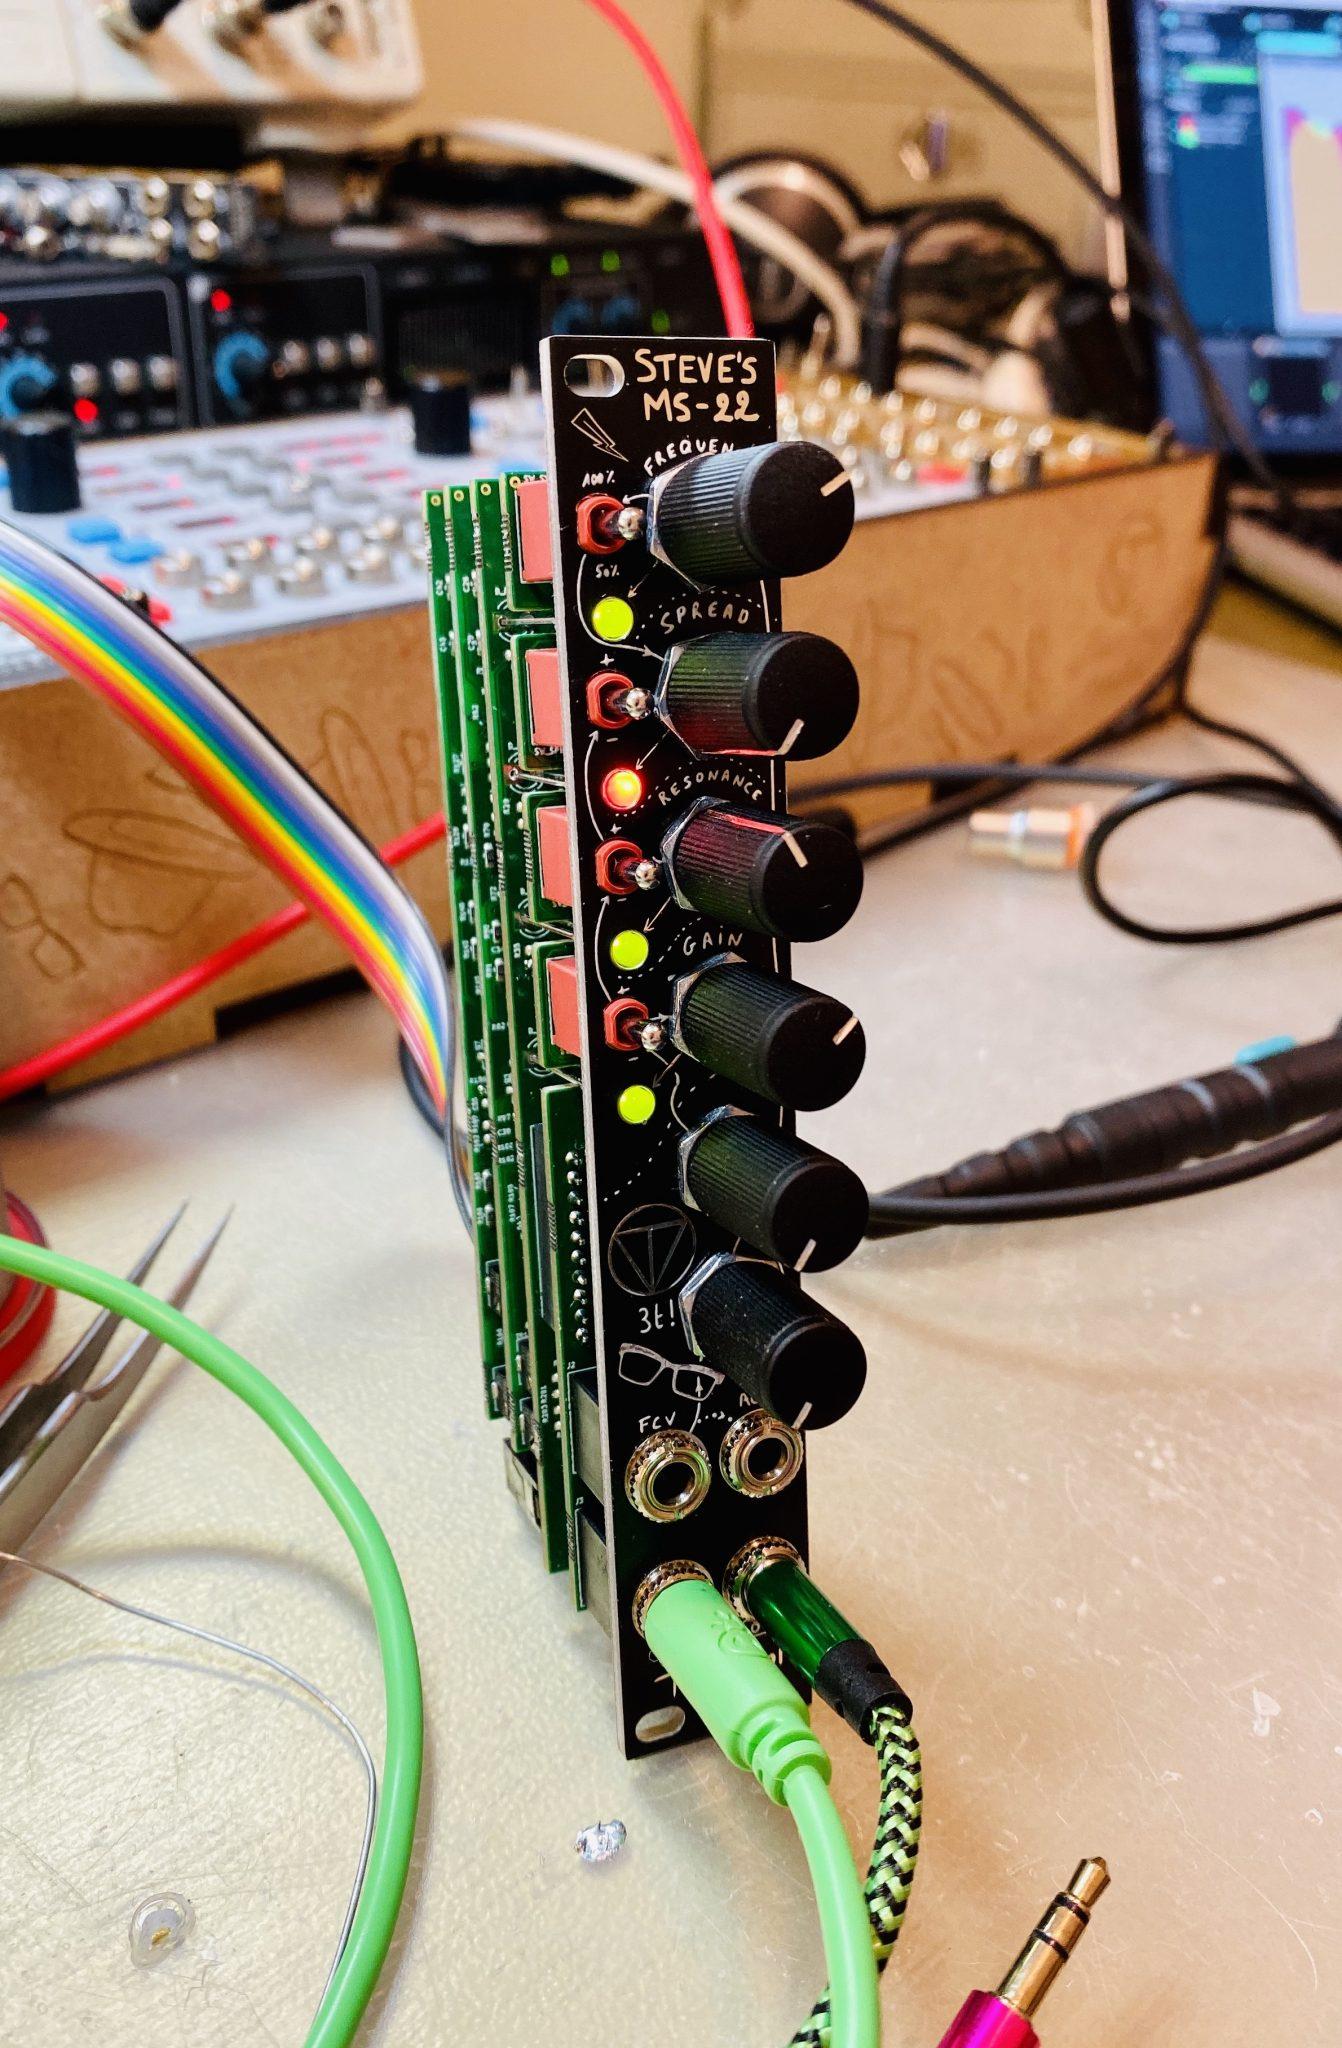 ThreeTom Modular releases Steve's MS-22!